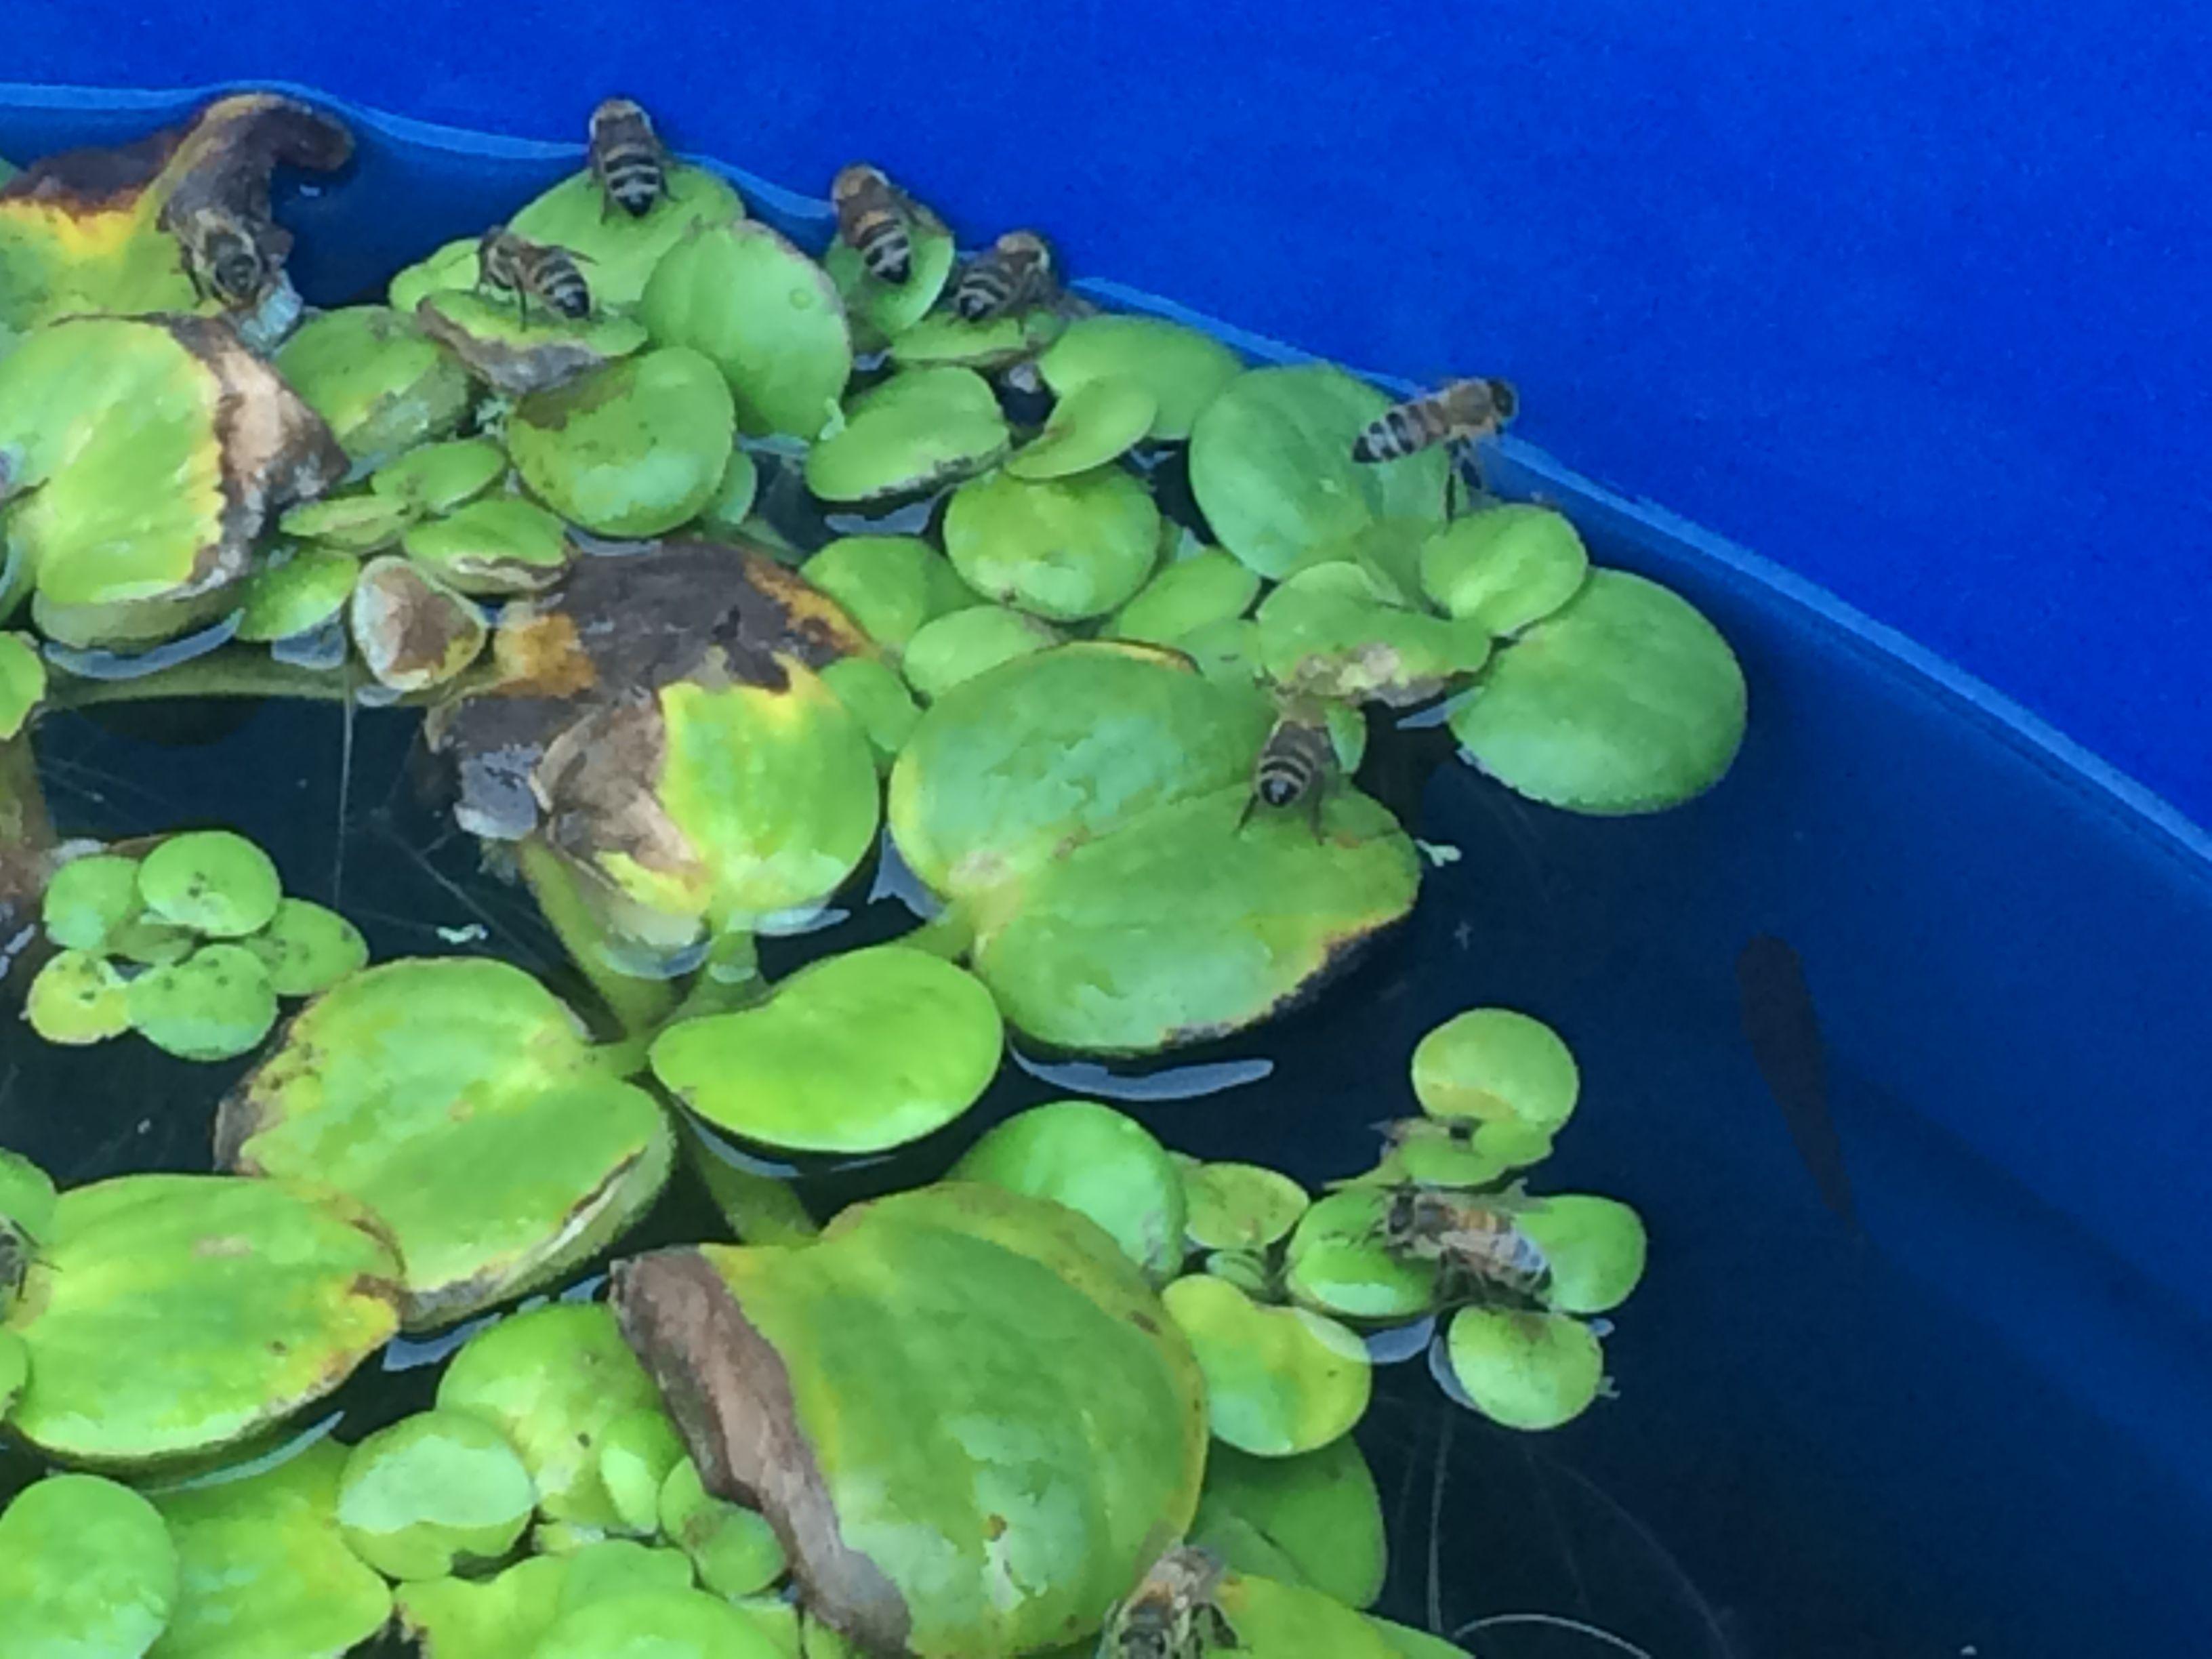 Cuando hay escasez de agua. Lo ideal colocar plantas acuáticas en baldes con agua, para que las abejas puedan tomar agua.